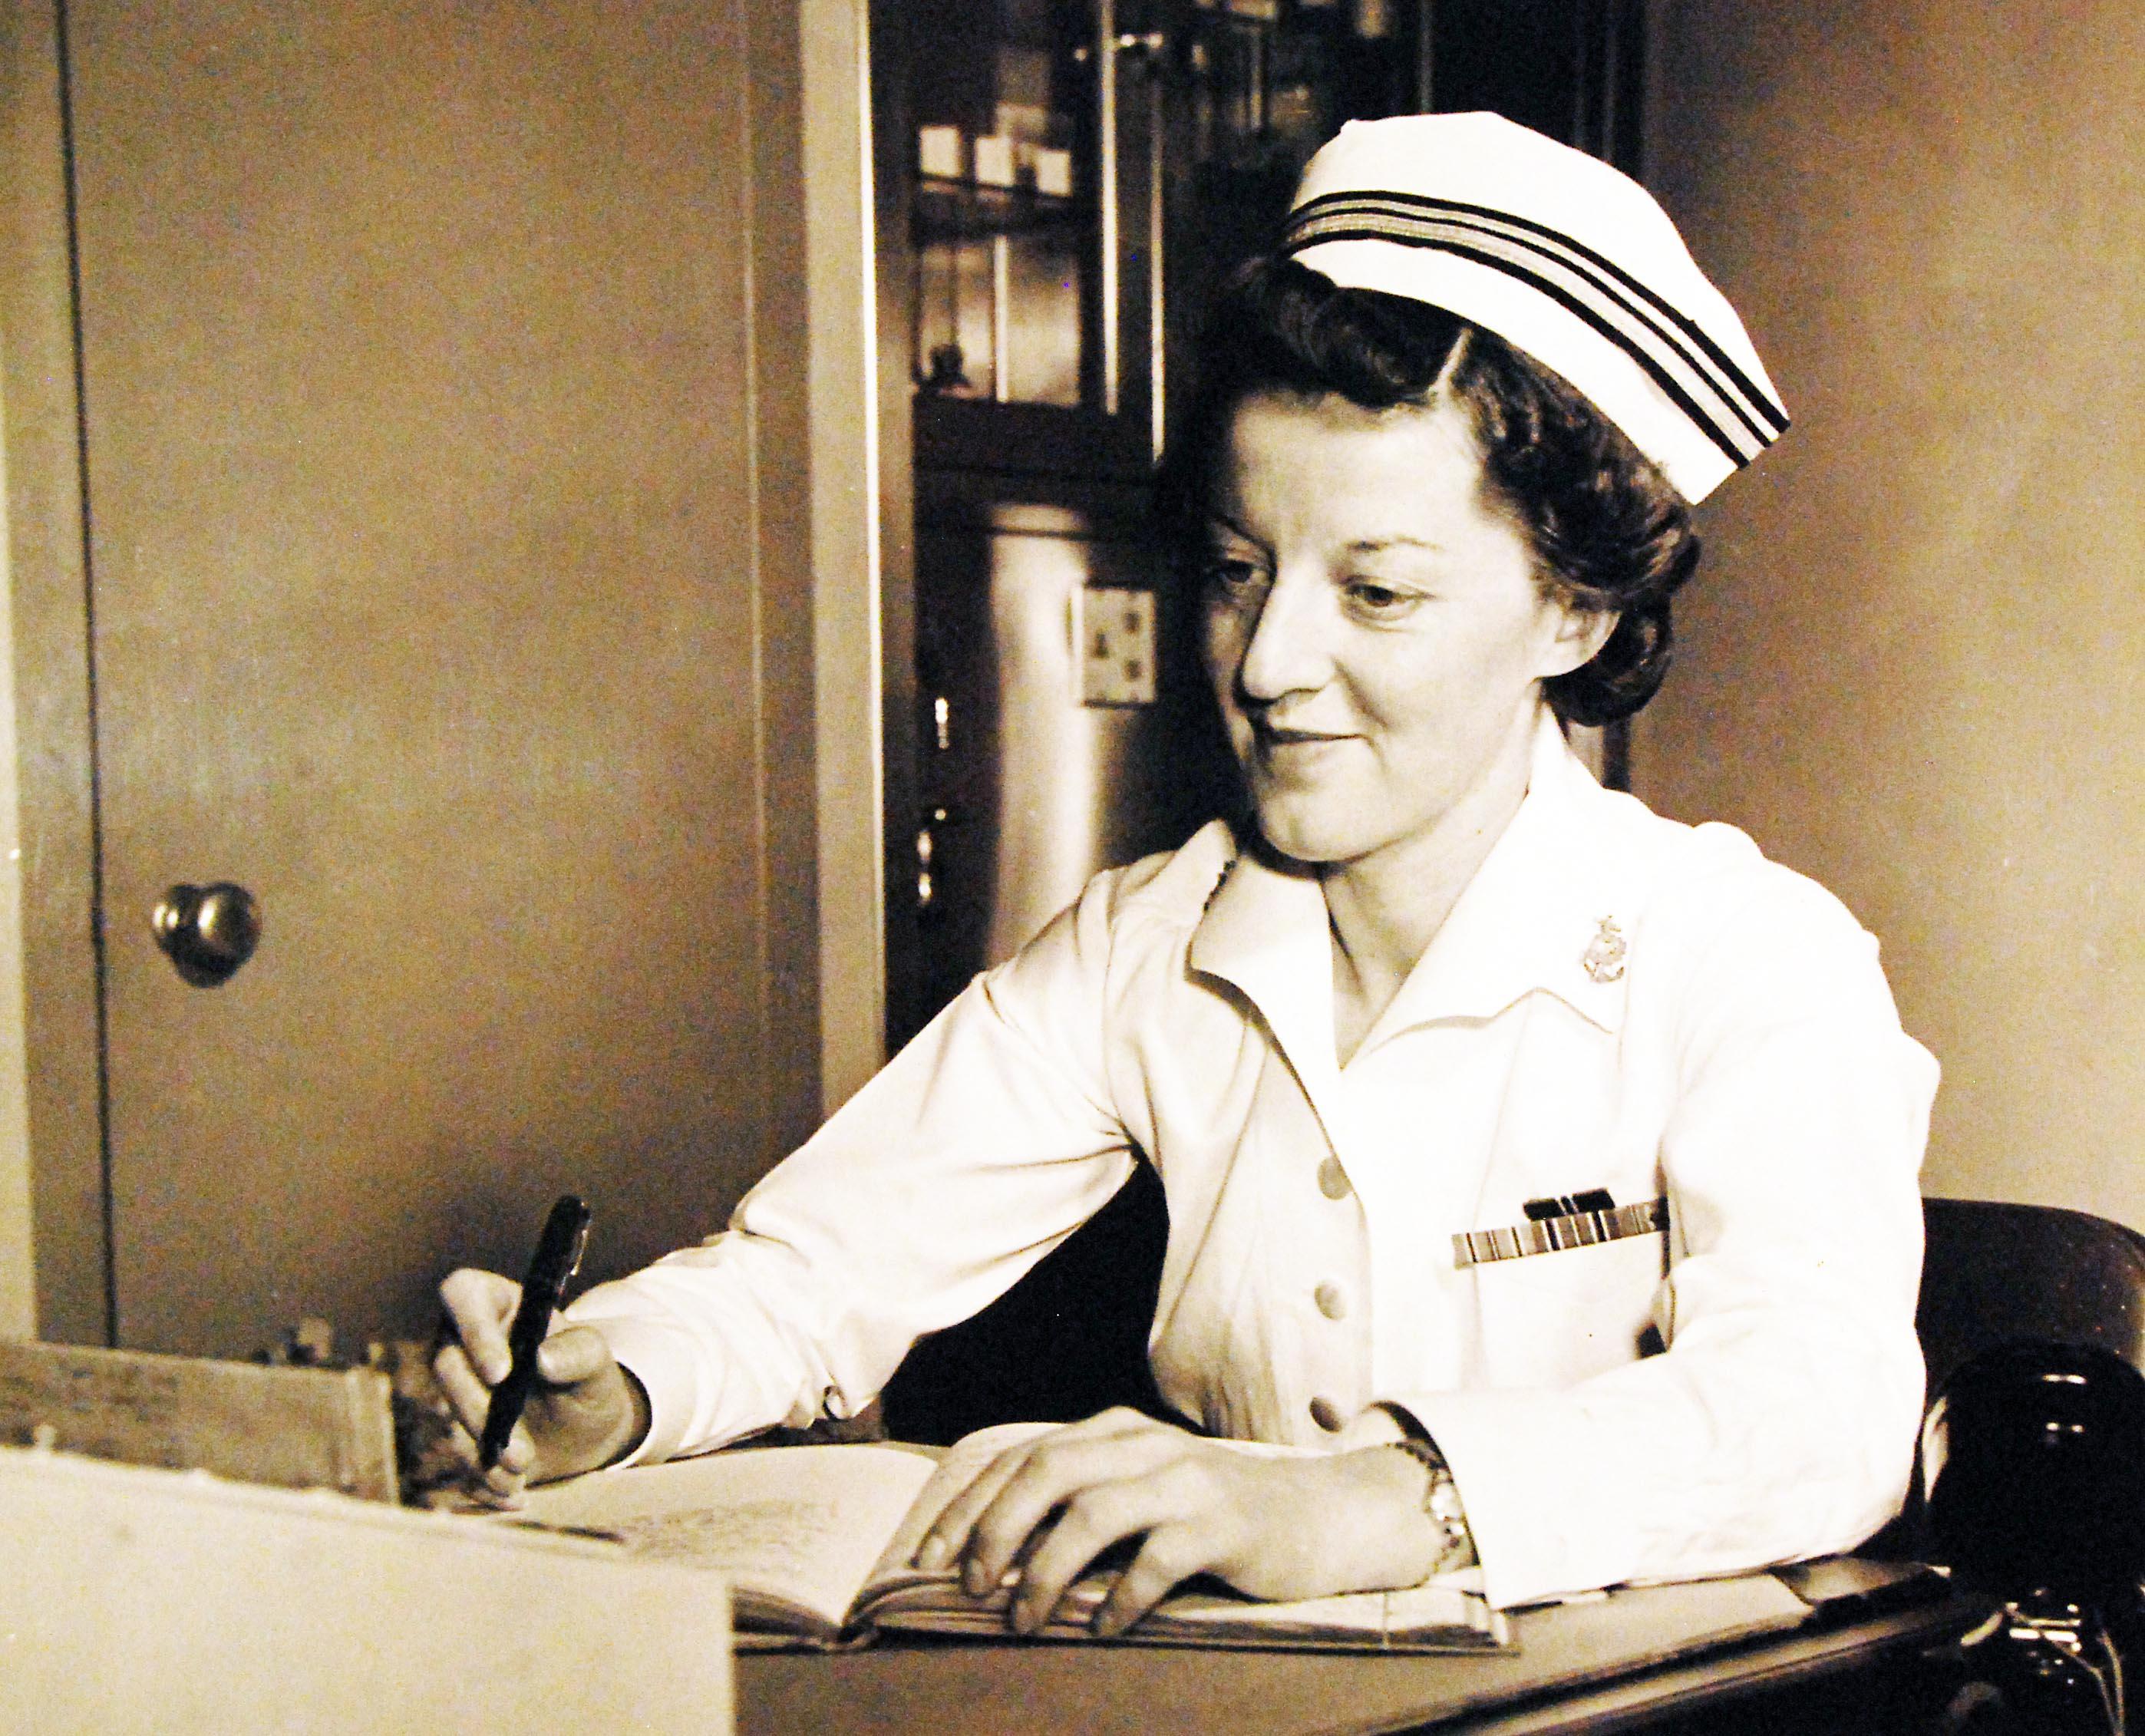 Navy Nurse LT(JG) Ann Bernatitus